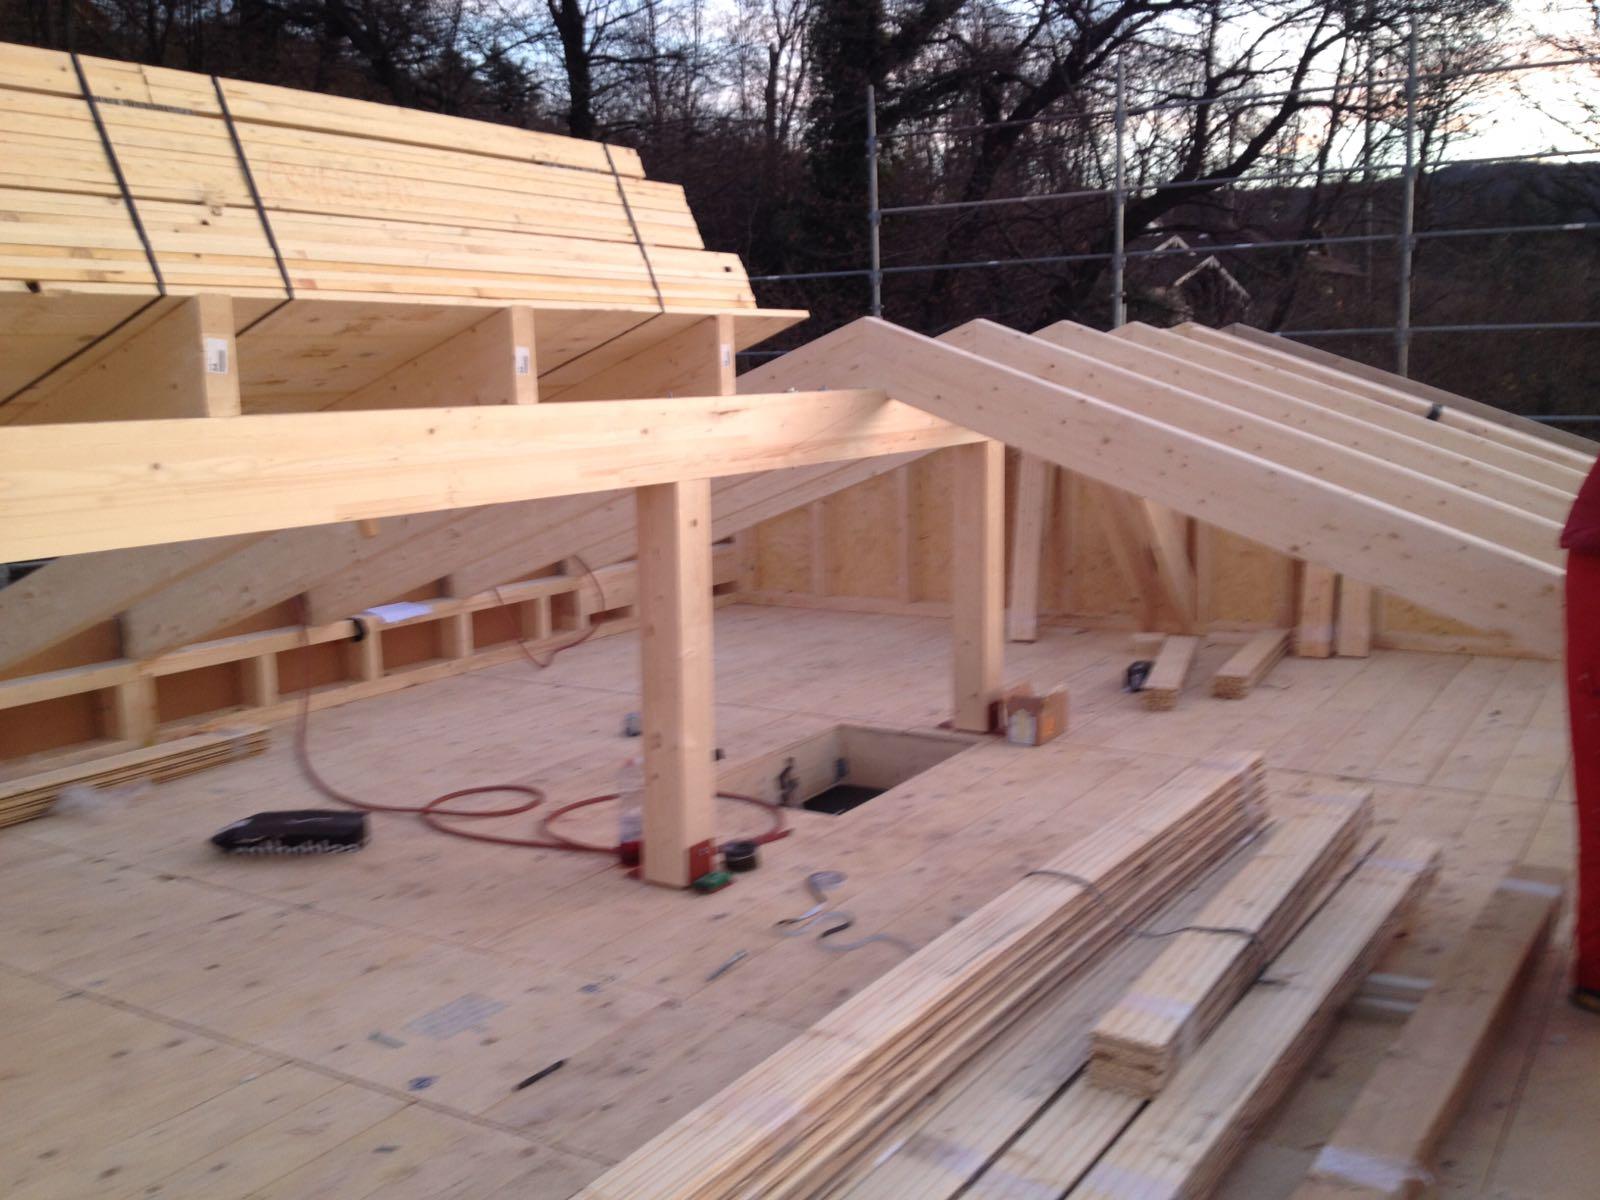 travi in legno come base del tetto